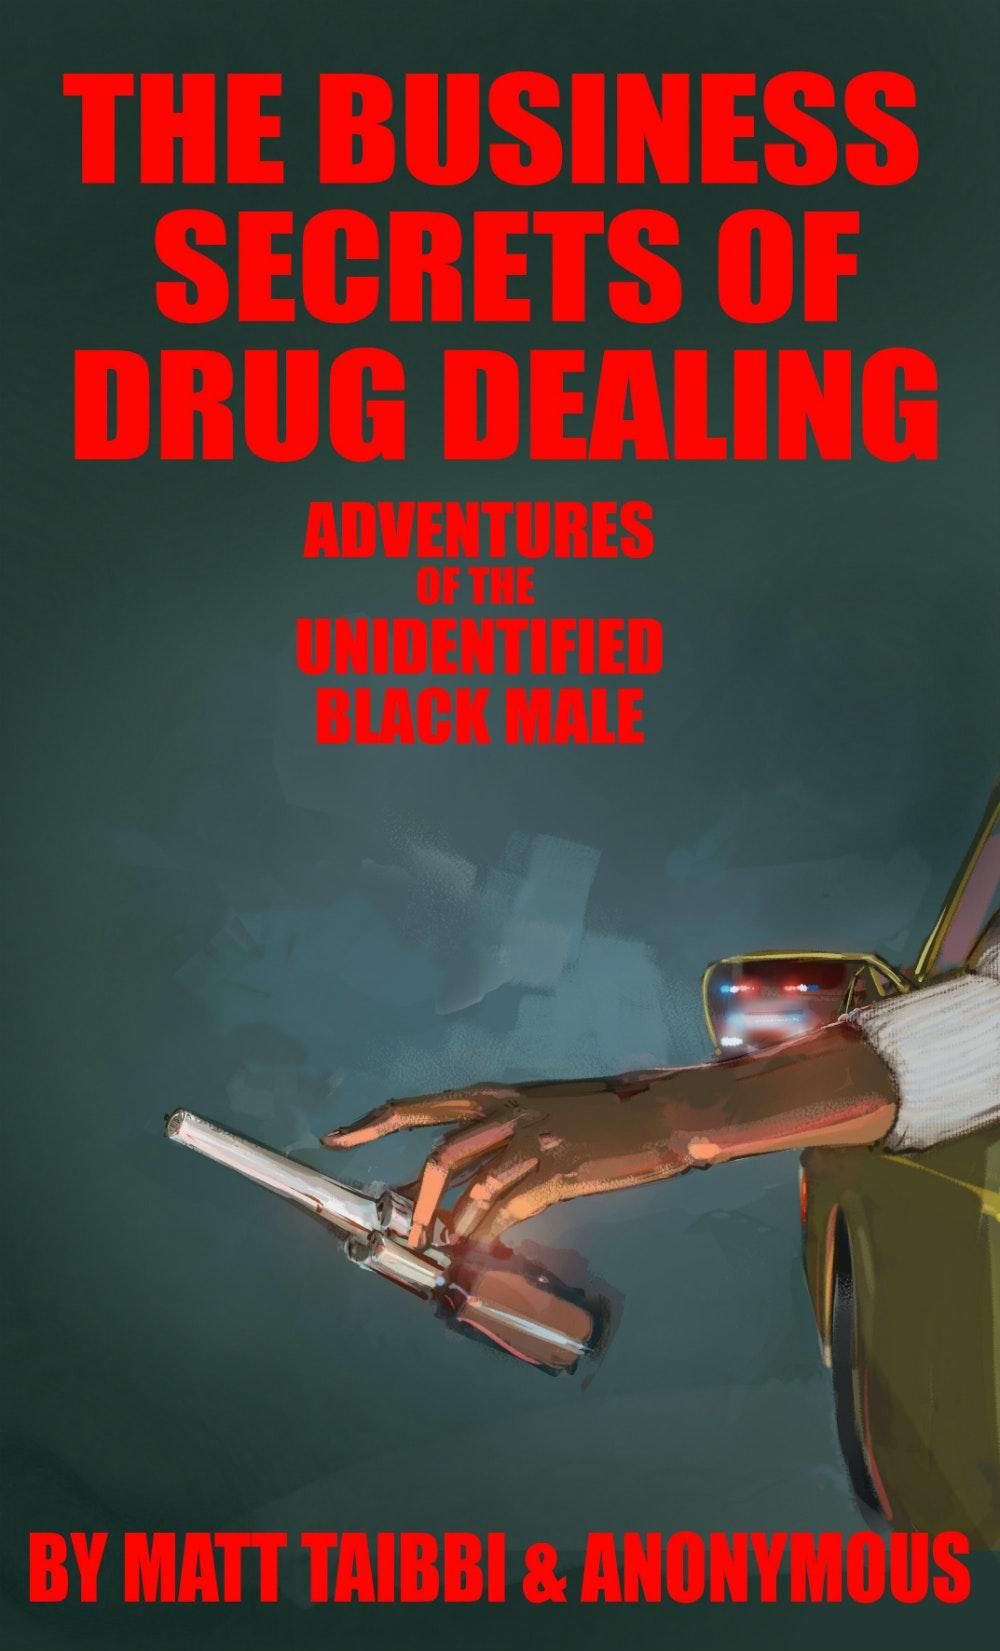 The Business Secrets of Drug Dealing